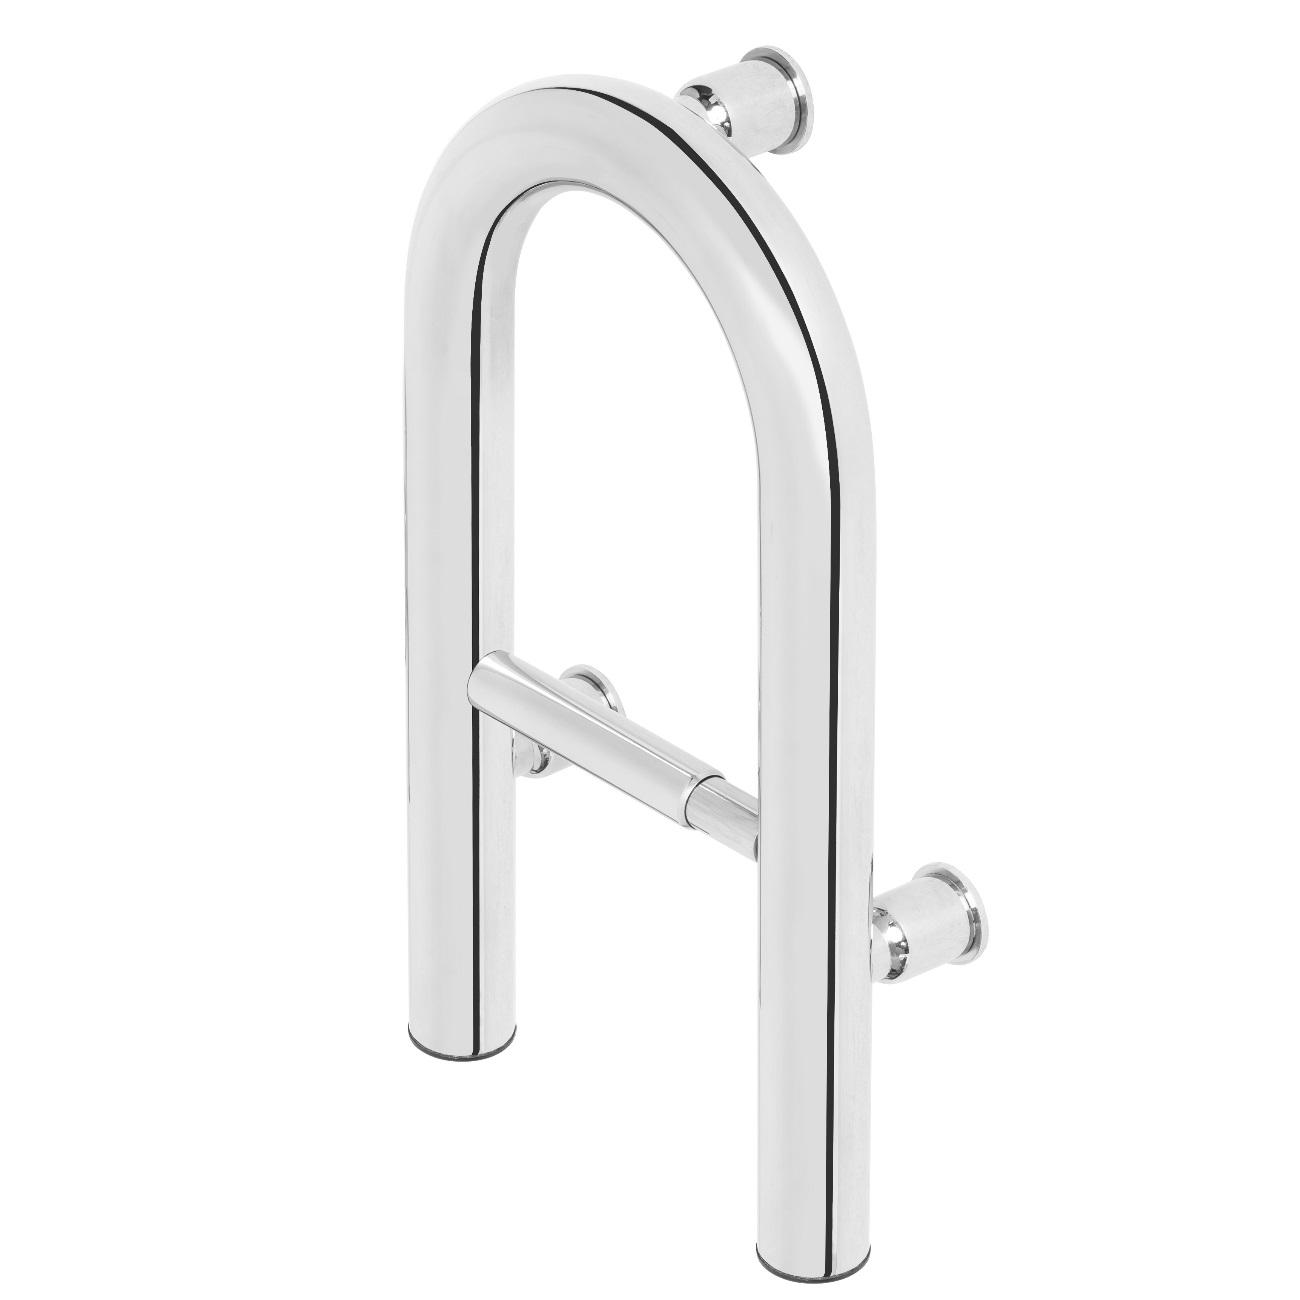 Badezimmer Haltegriff mit Toilettenpapierhalter - Seeger24.de Online ...